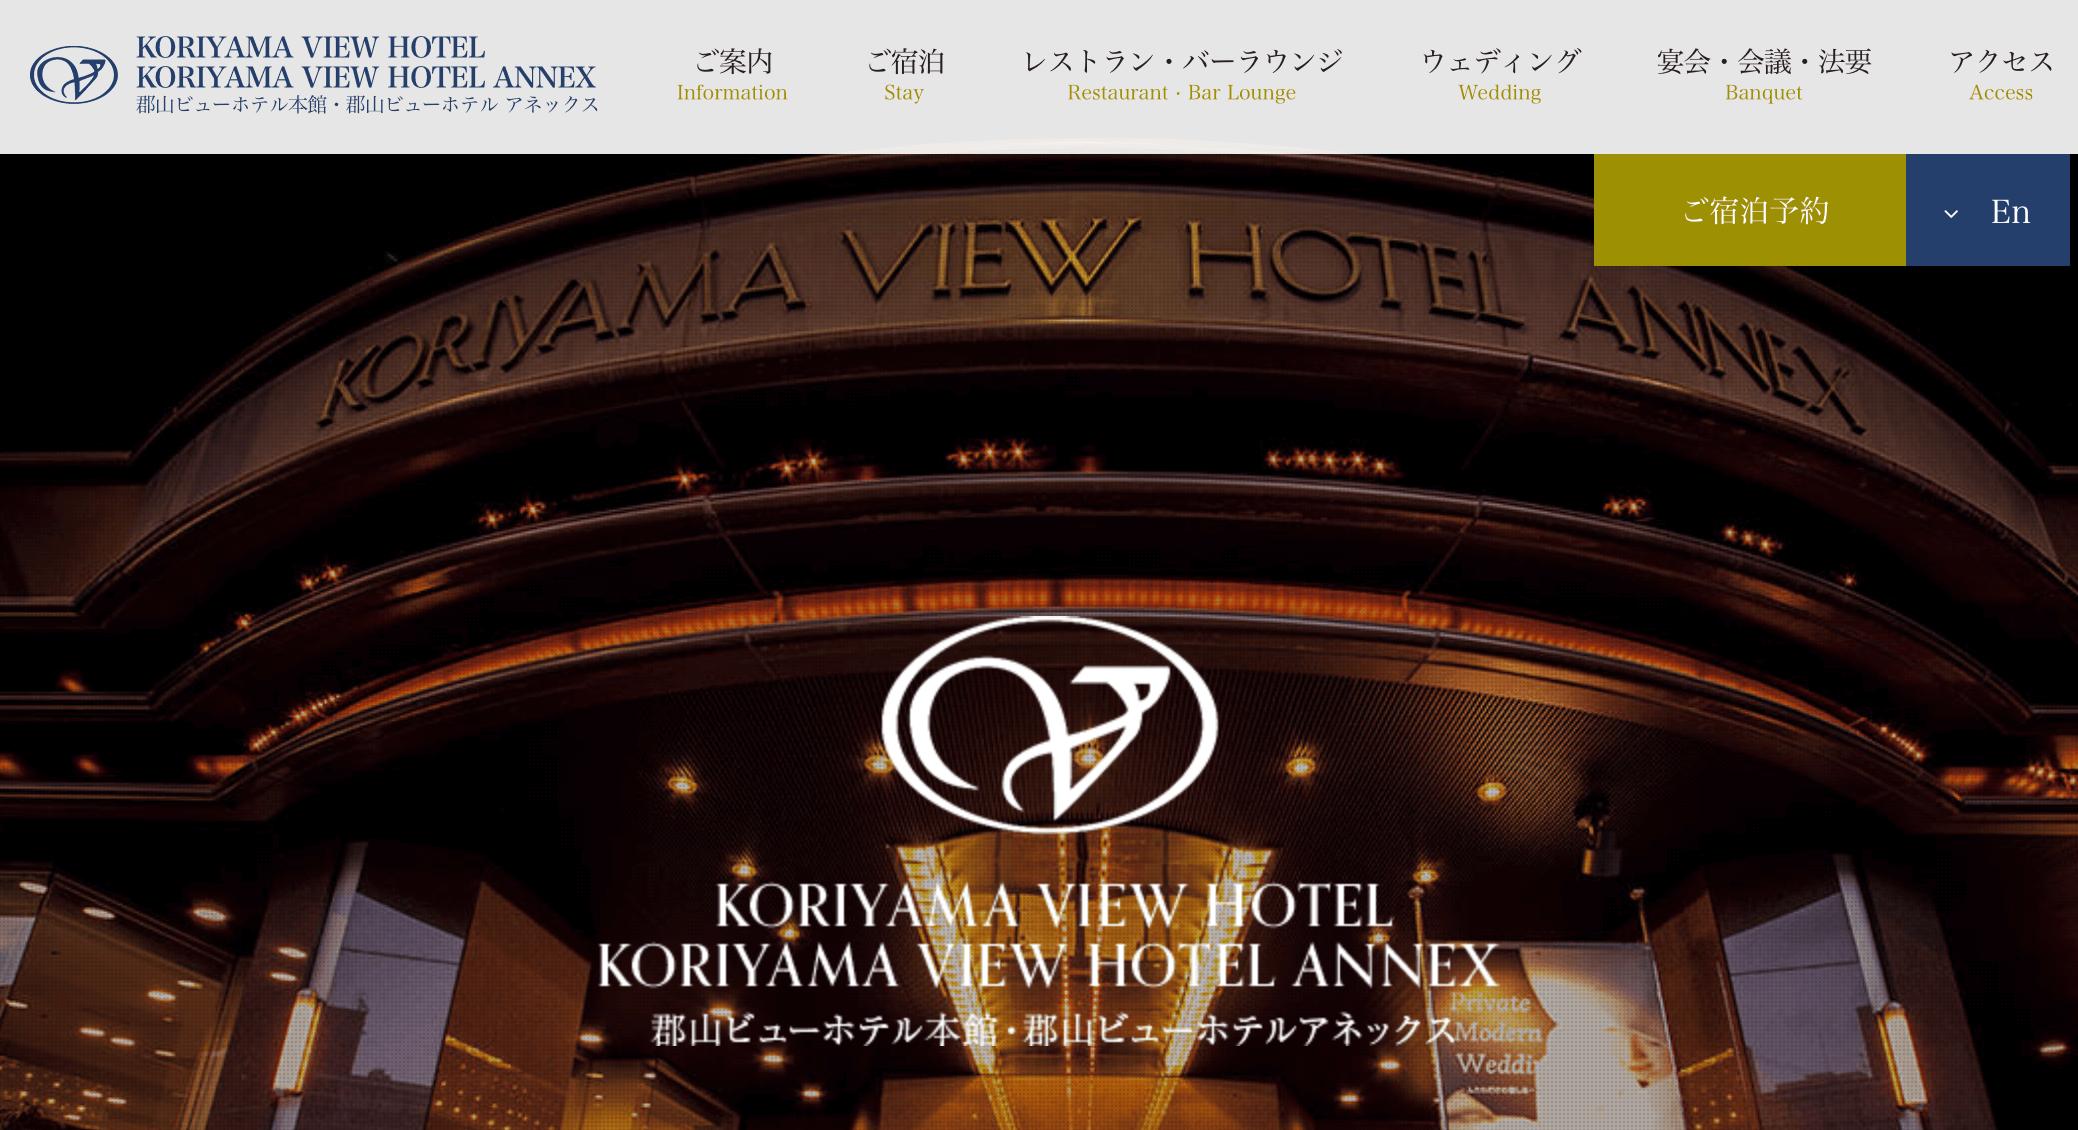 福島でパパ活におすすめなホテル「郡山ビューホテル アネックス」